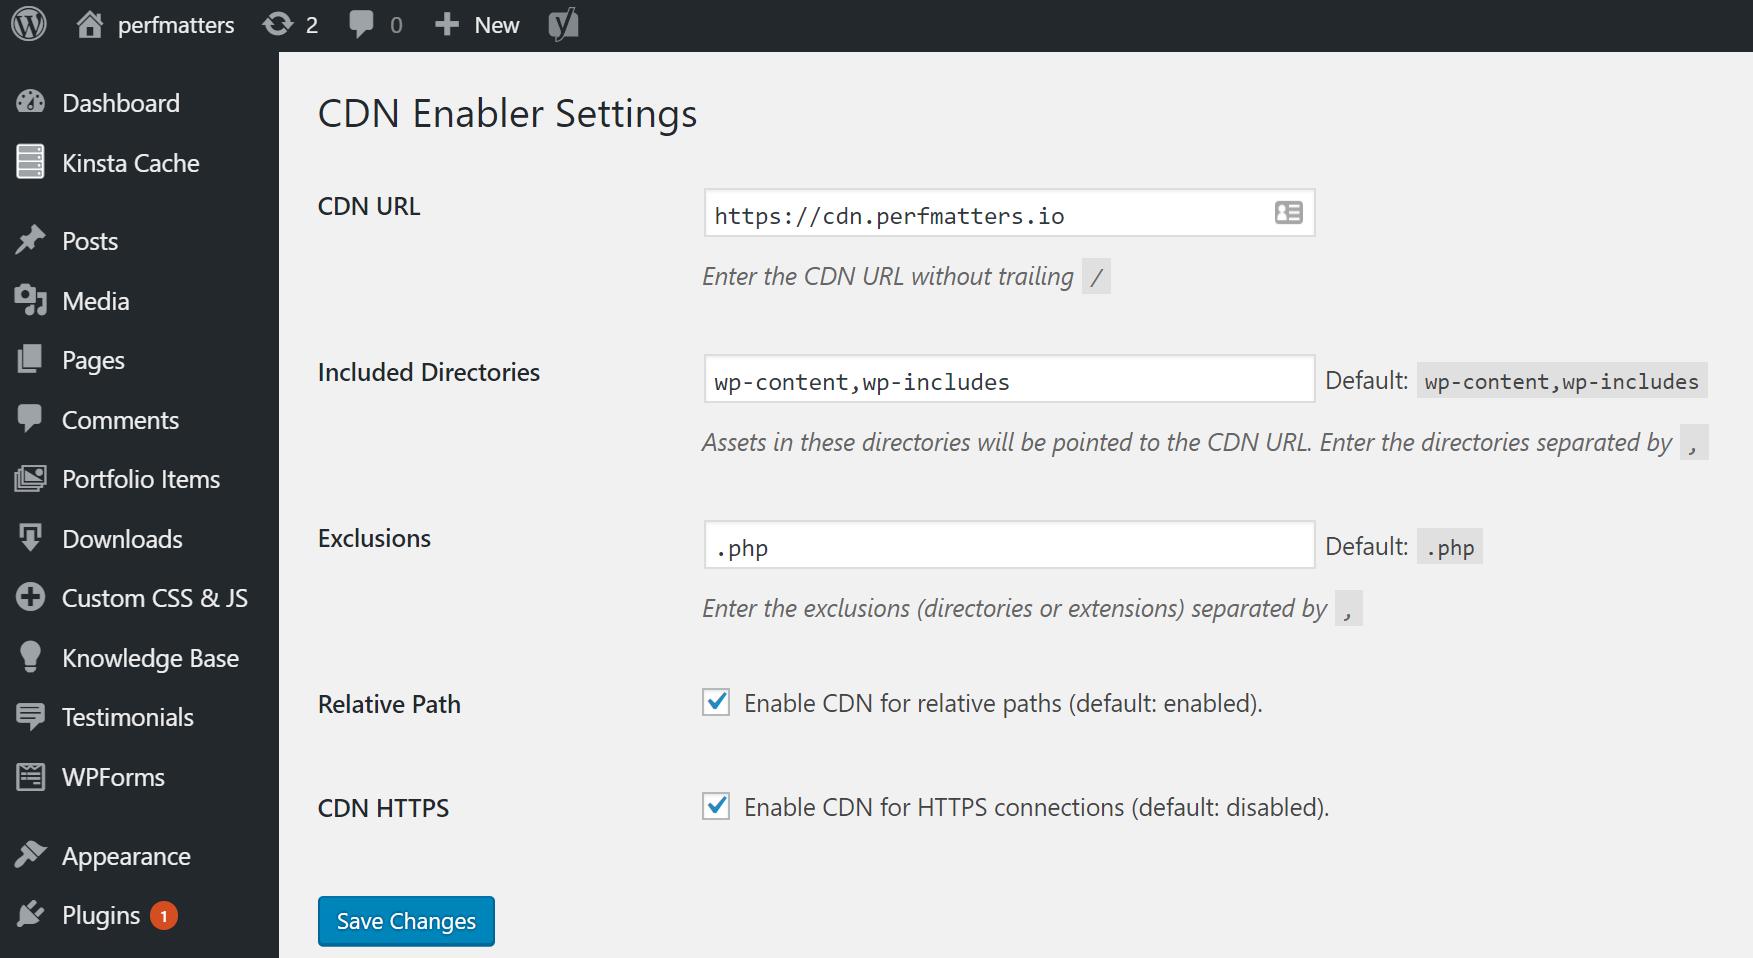 ادغام CDN با وردپرس با افزونه CDN Enabler